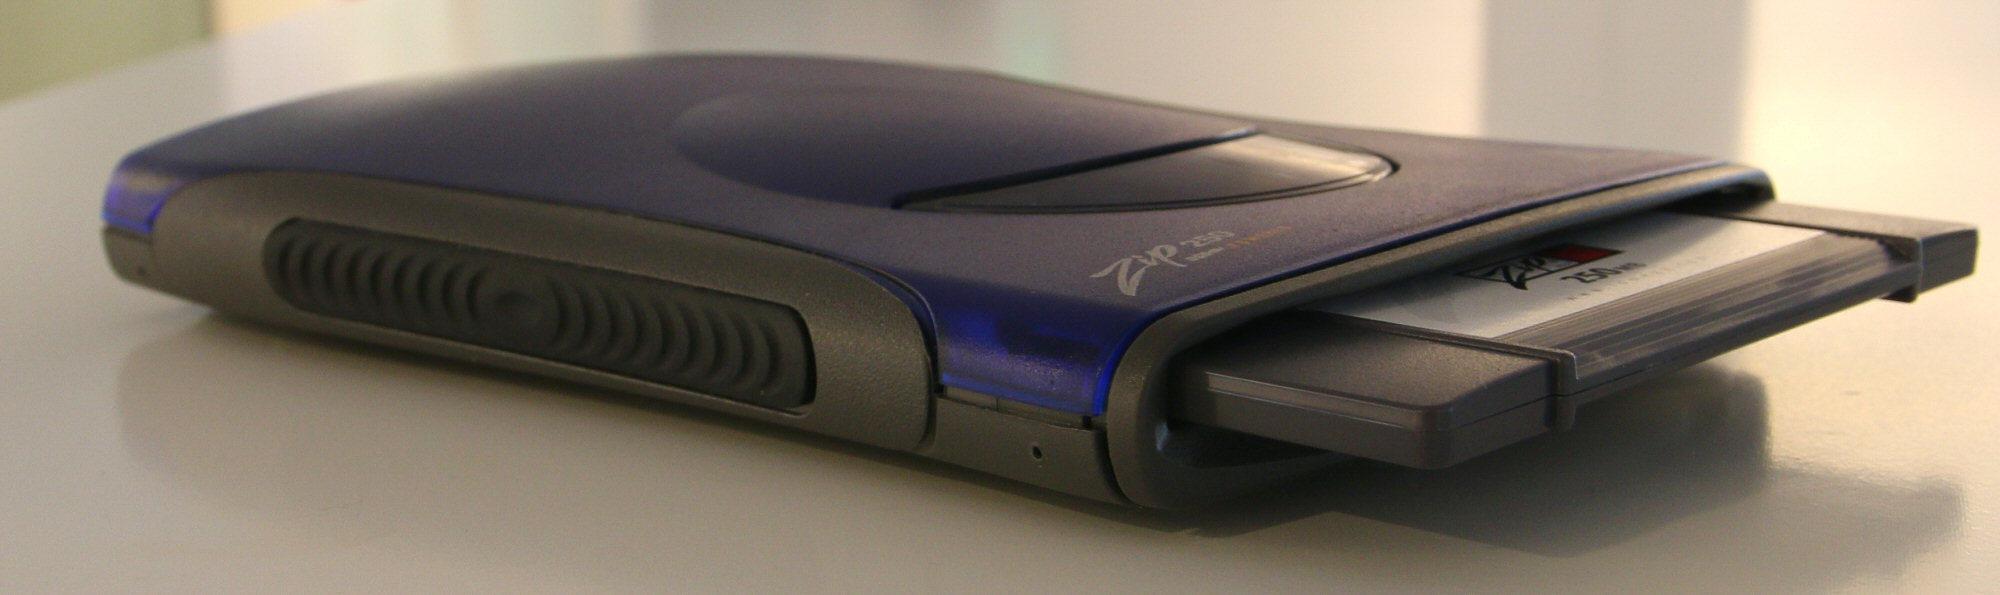 Det var behov for portabel plass, og Iomega hadde løsningen.Foto: Vegar Jansen, Hardware.no